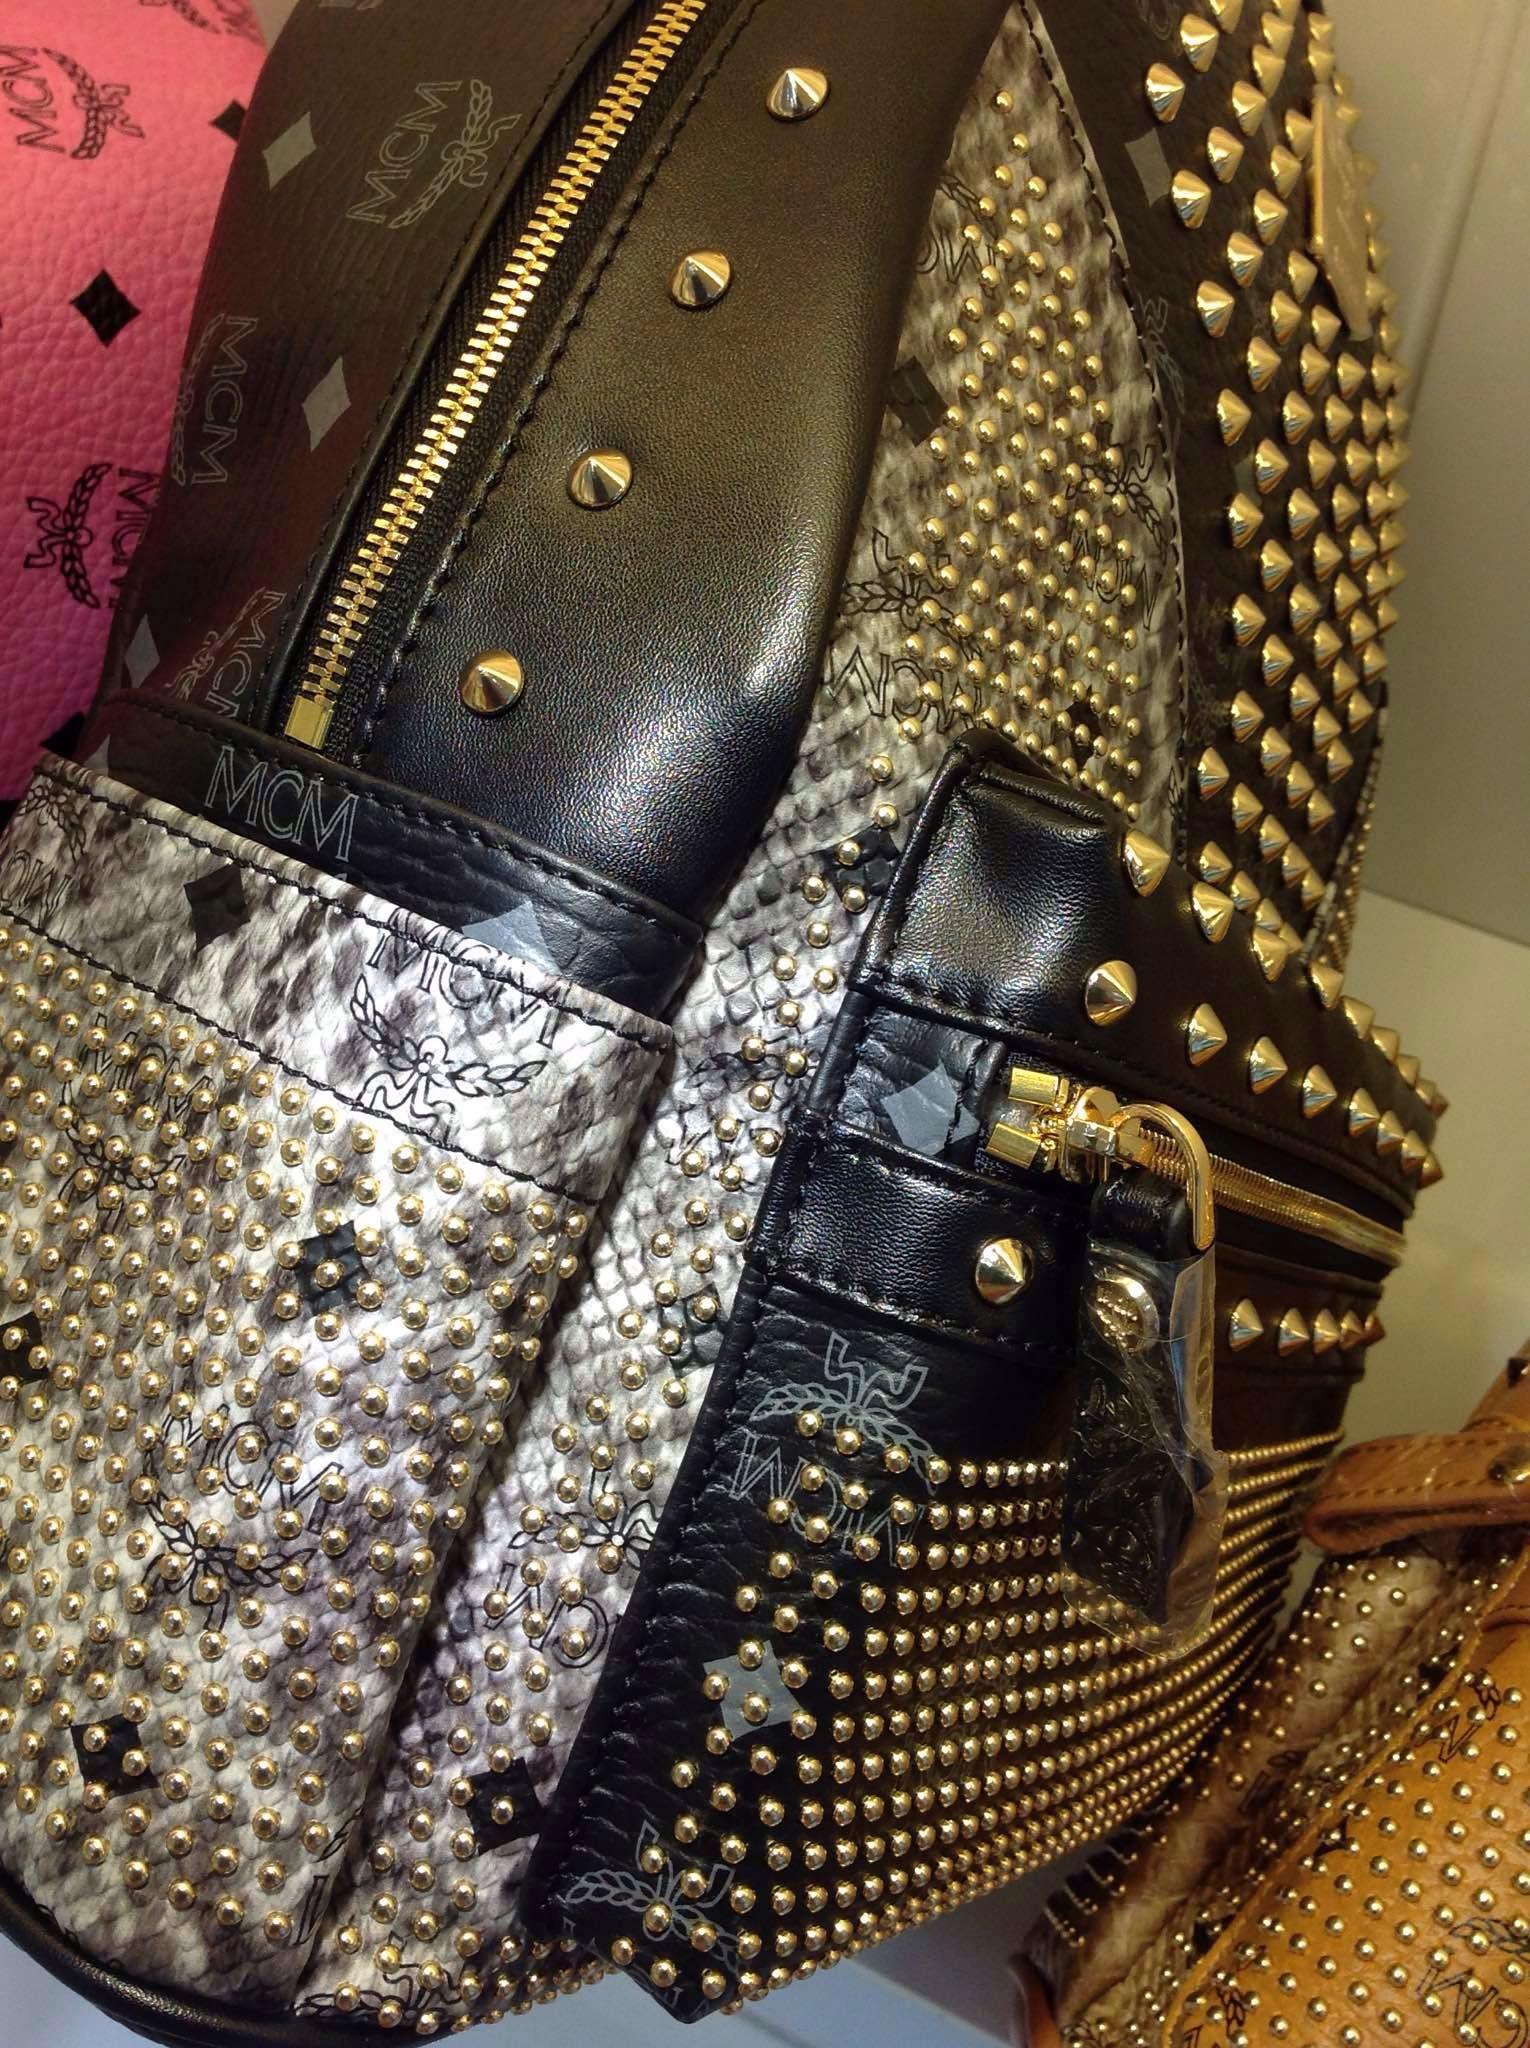 MCM包包批发网  铆钉拼蛇纹 多色 女士双肩包